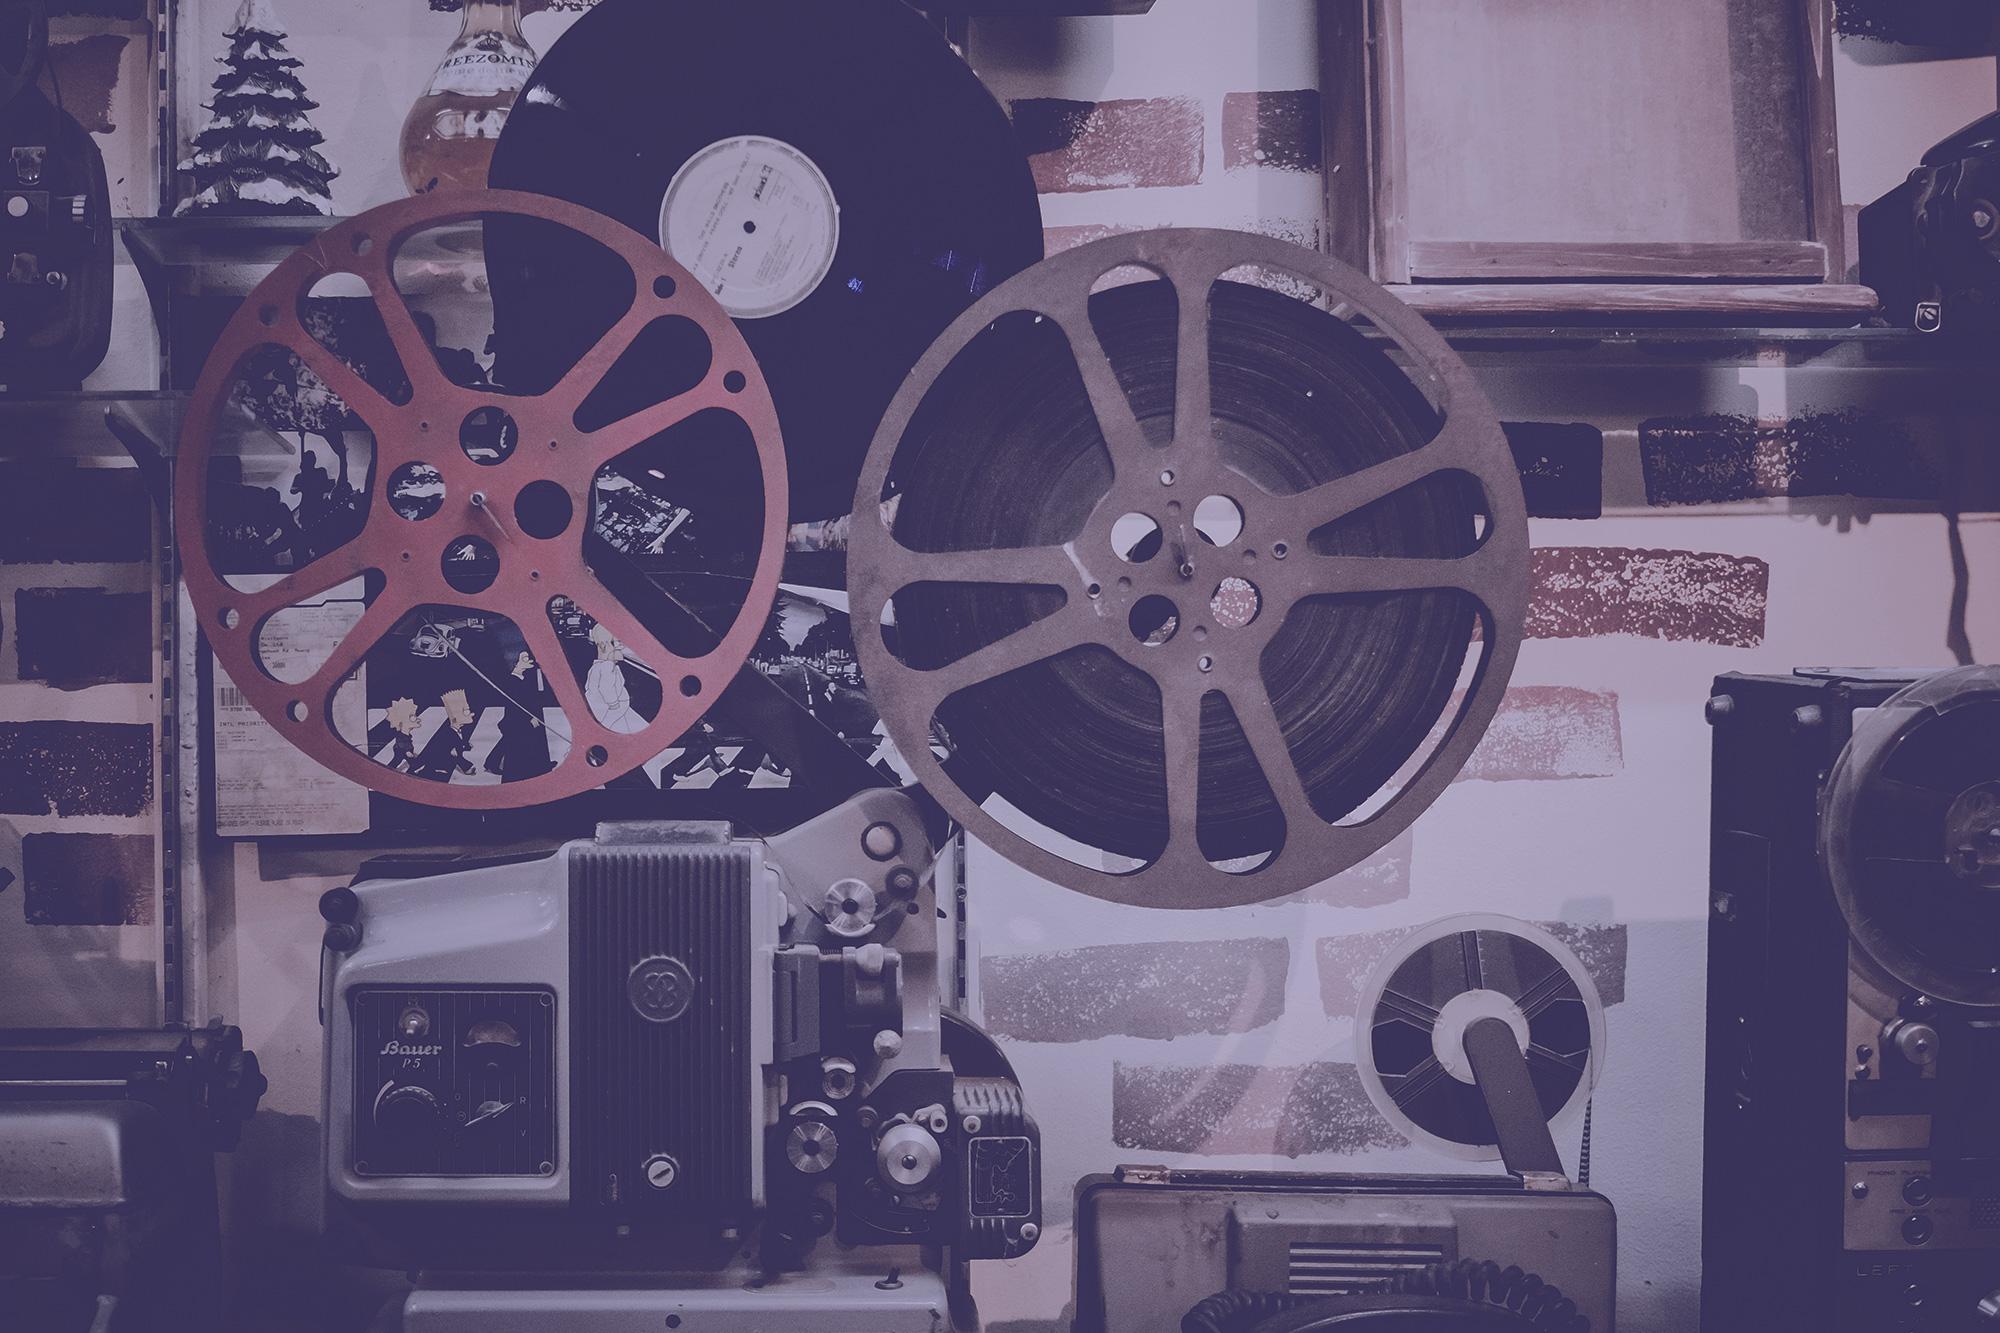 Vocabulario sobre cine en inglés